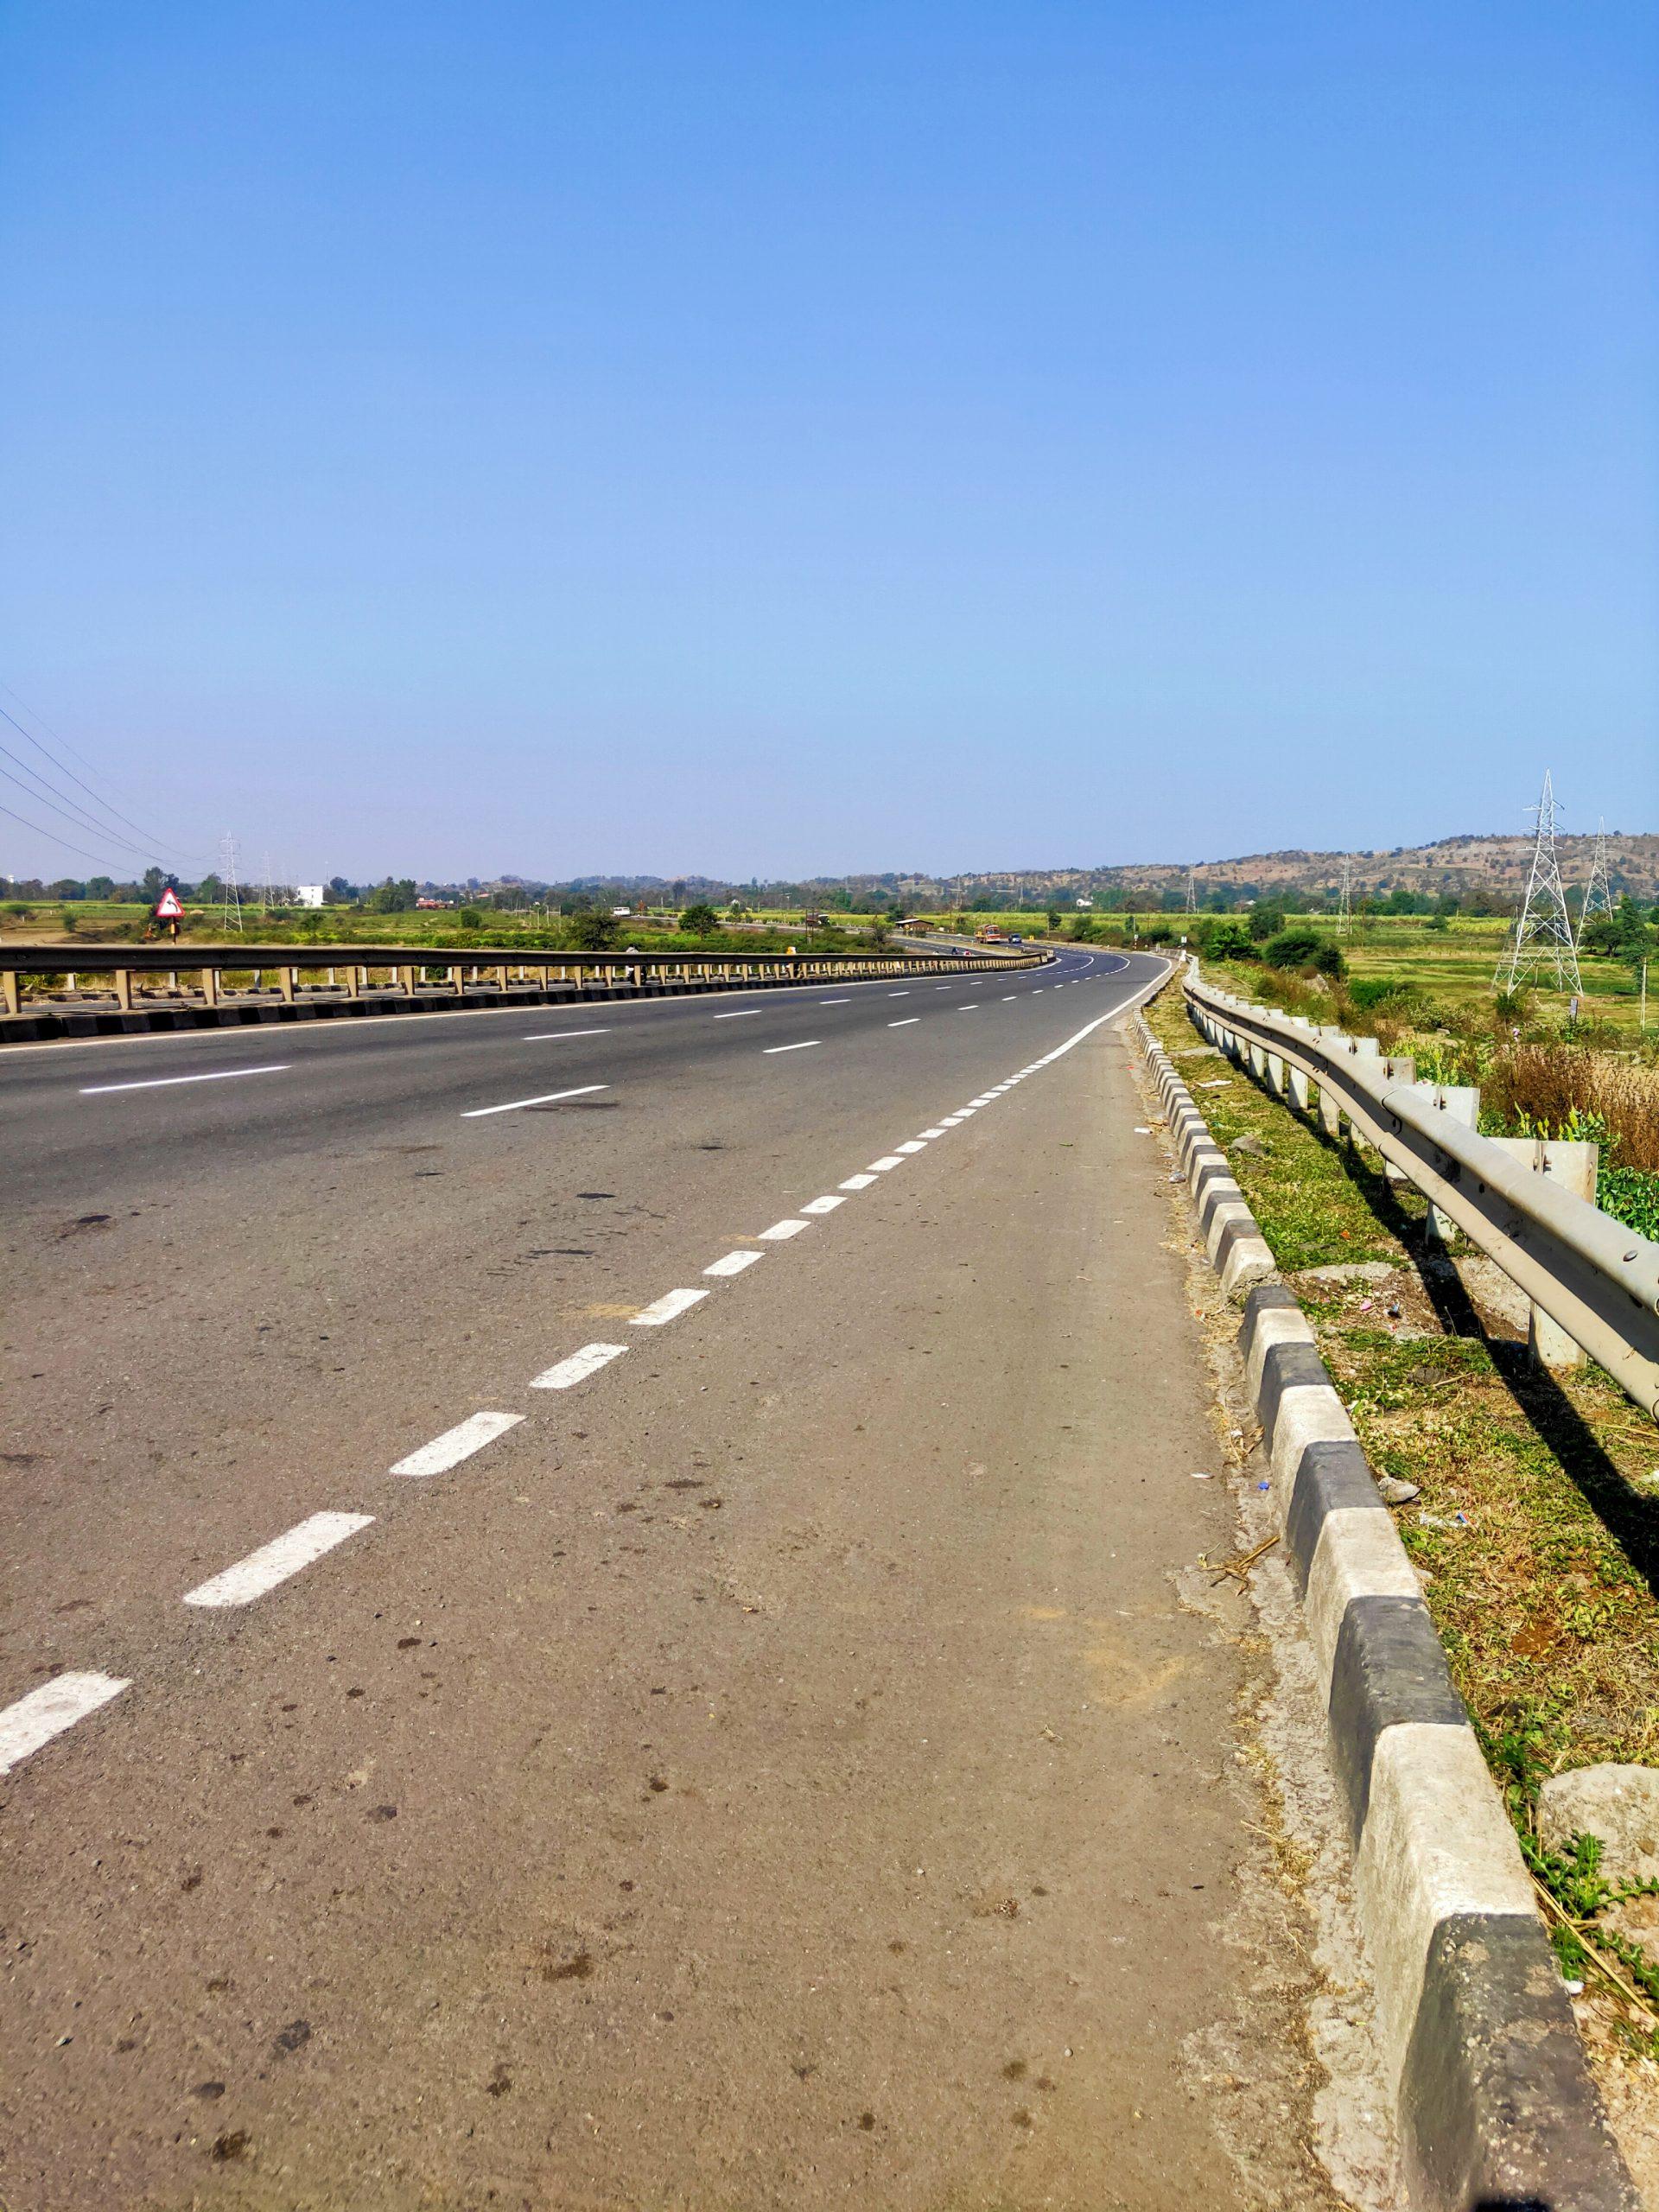 Highway landscape